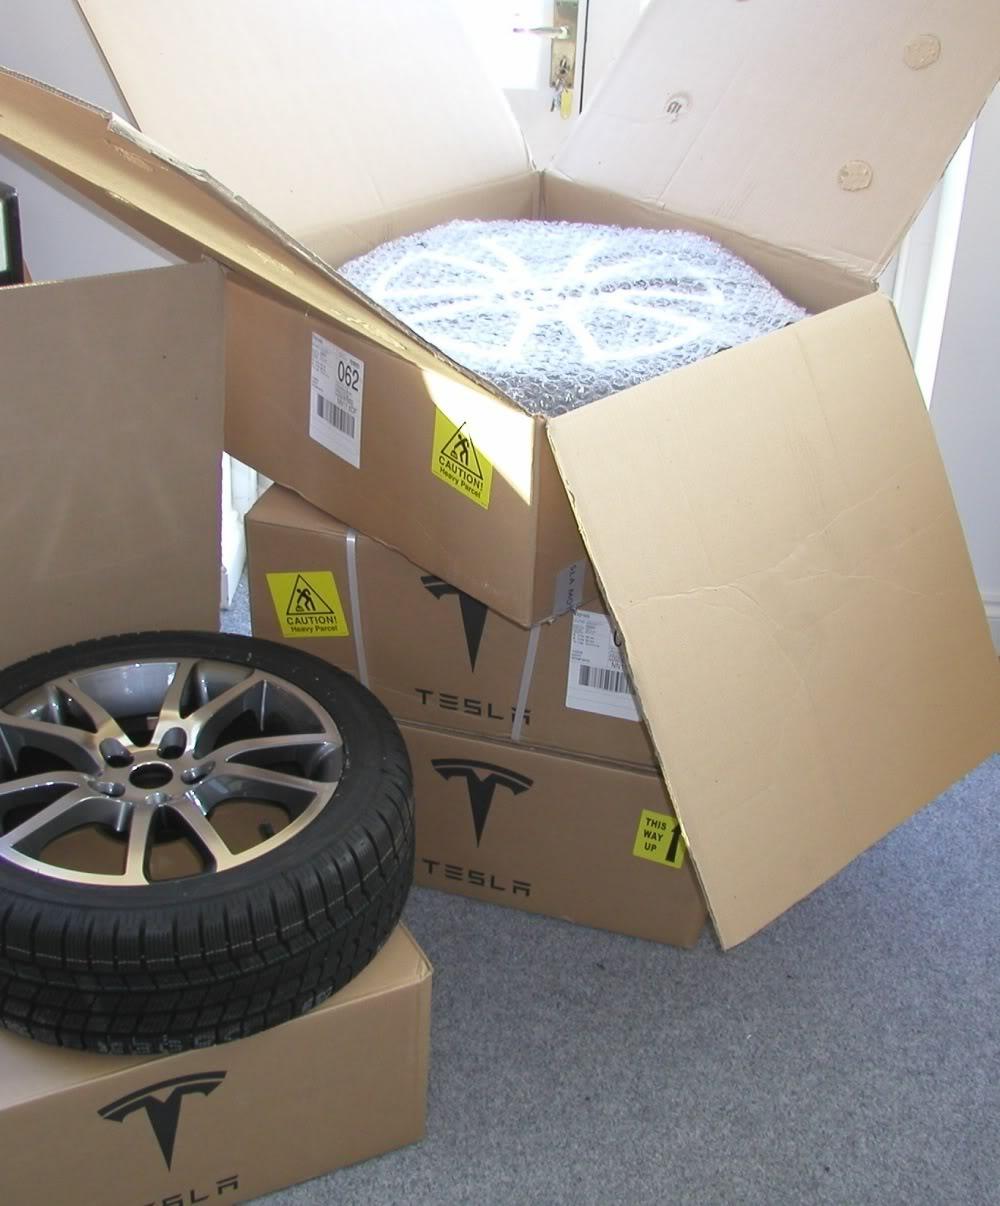 Teslawheels5.jpg